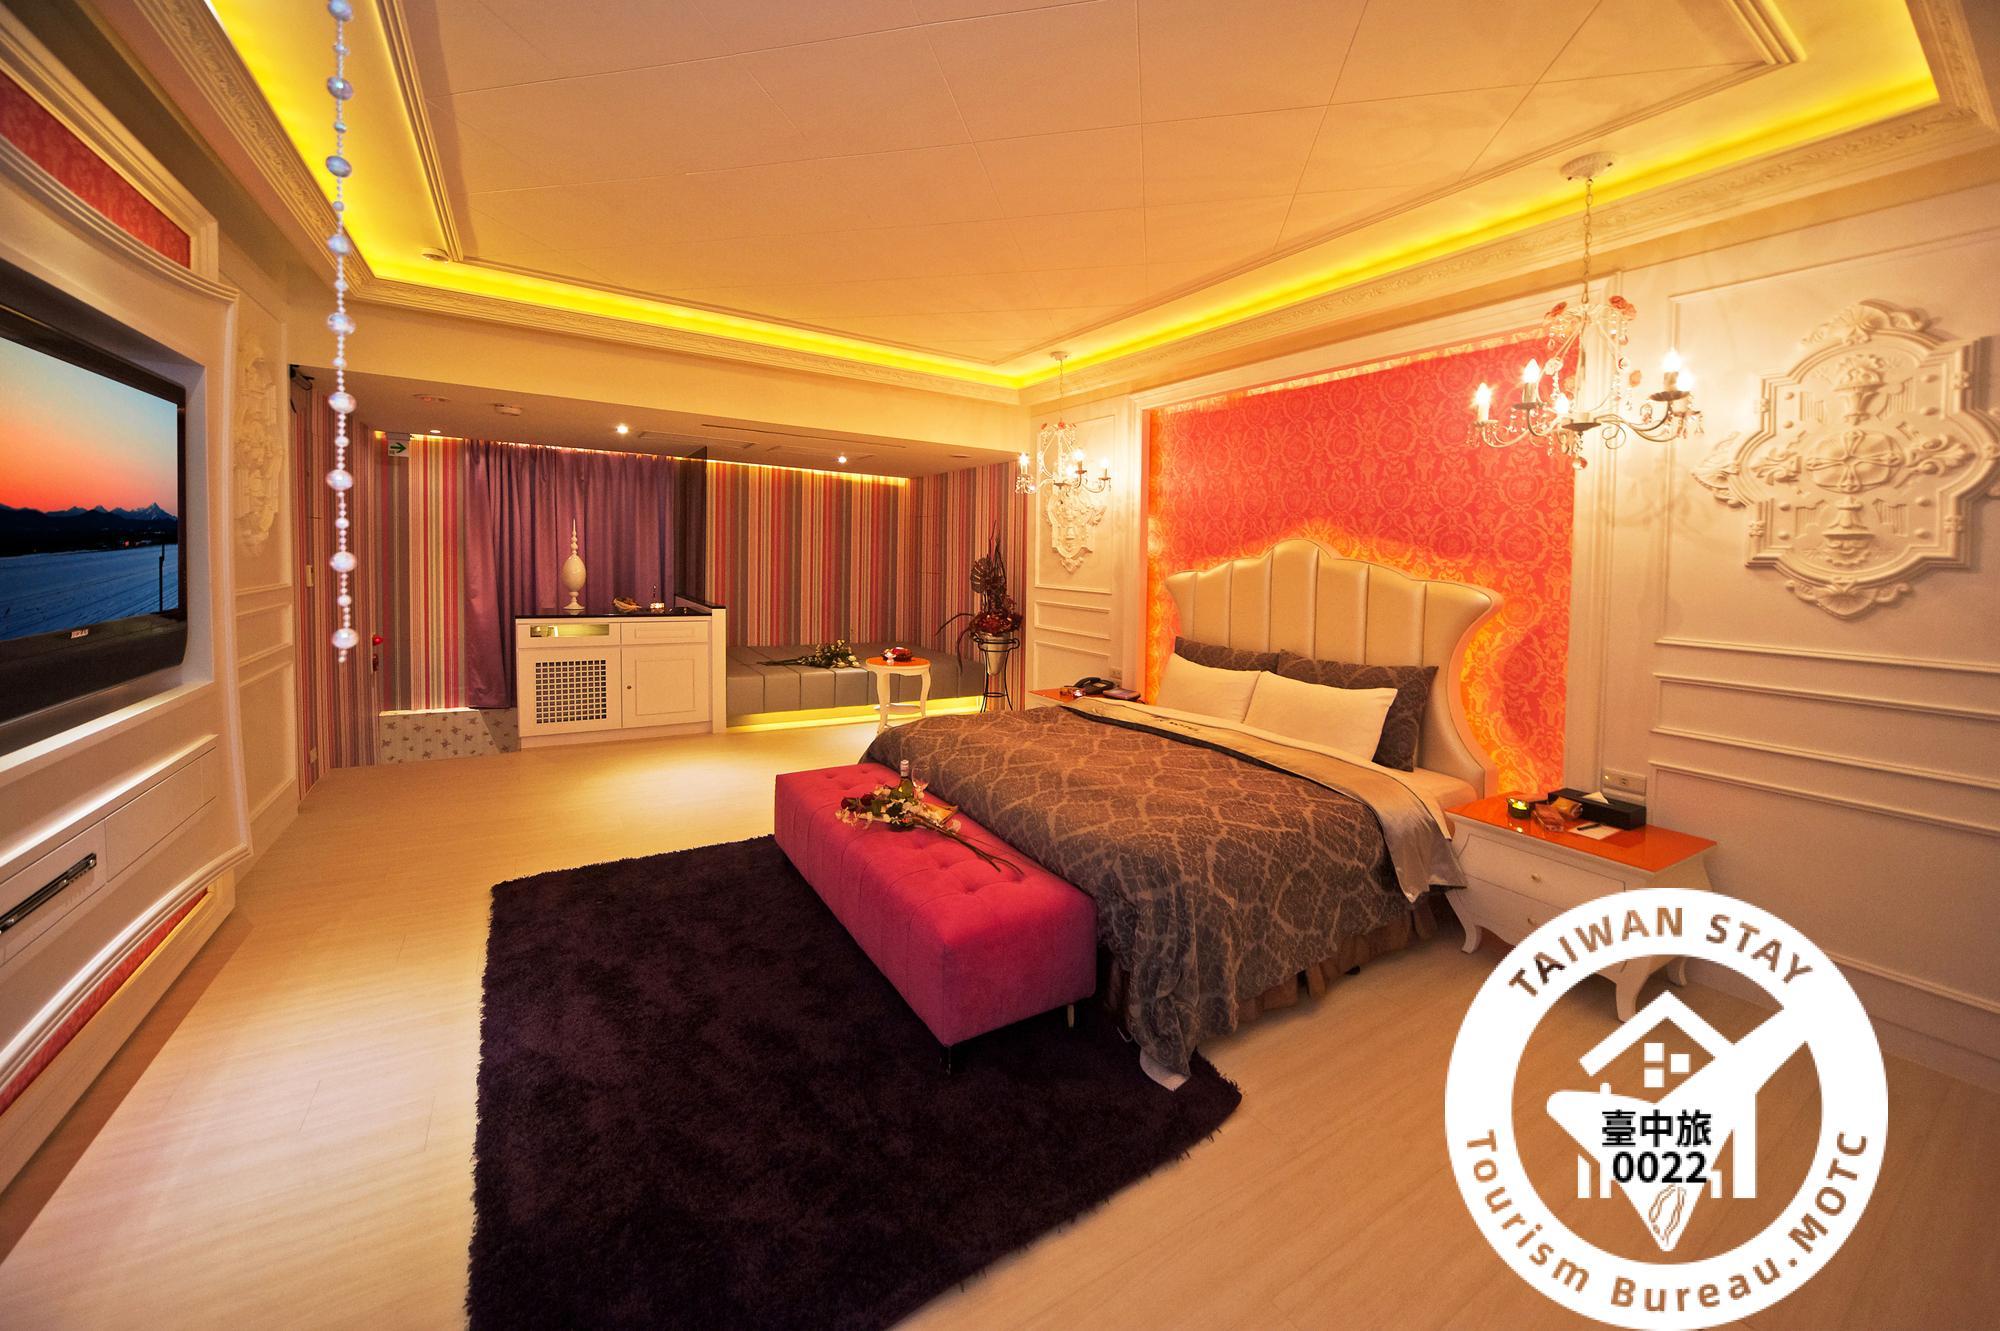 Xintiandi Motel